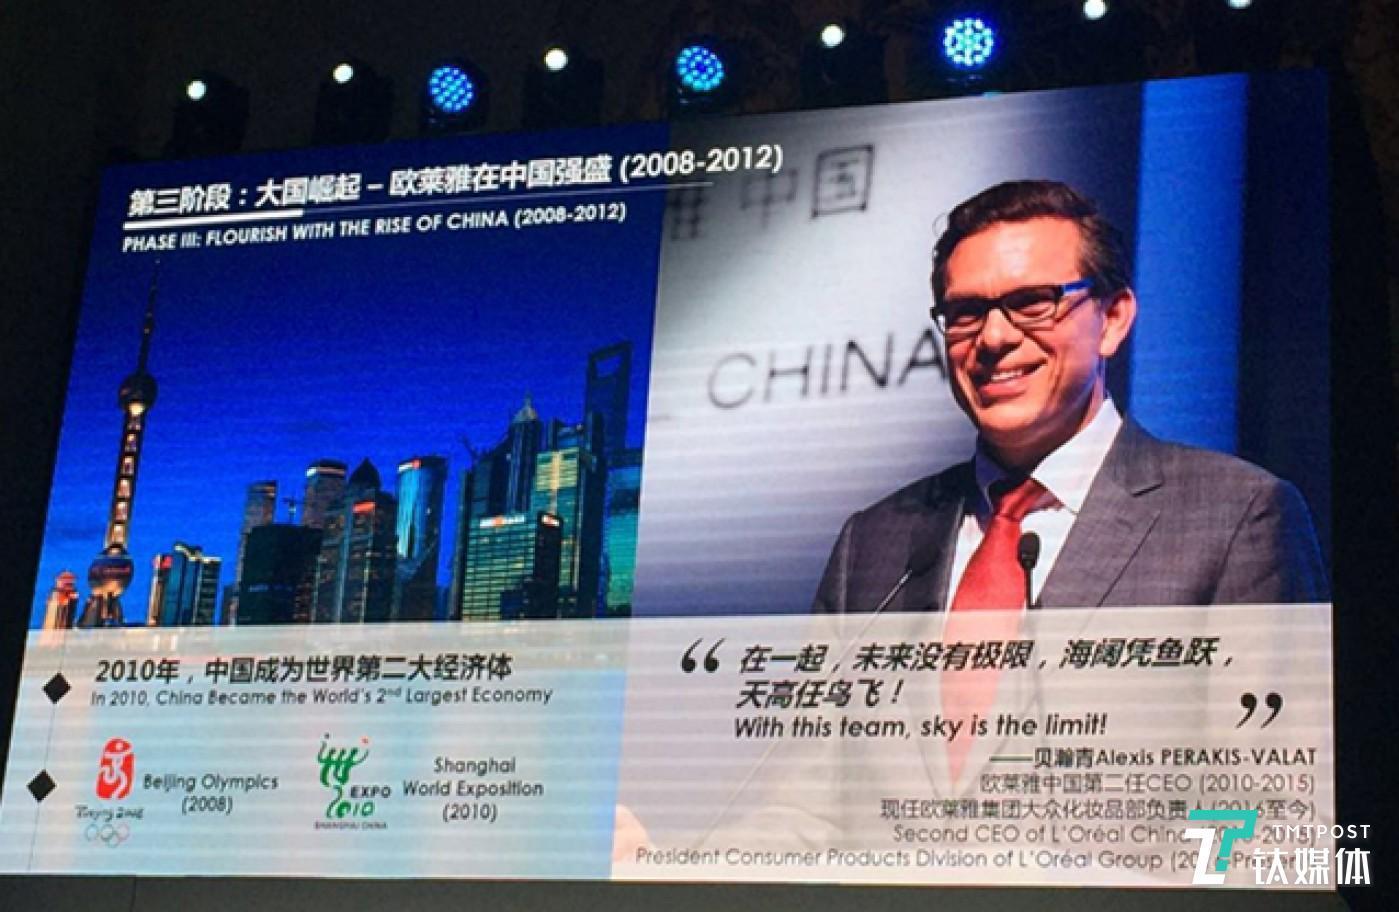 欧莱雅中国第二任CEO贝瀚青